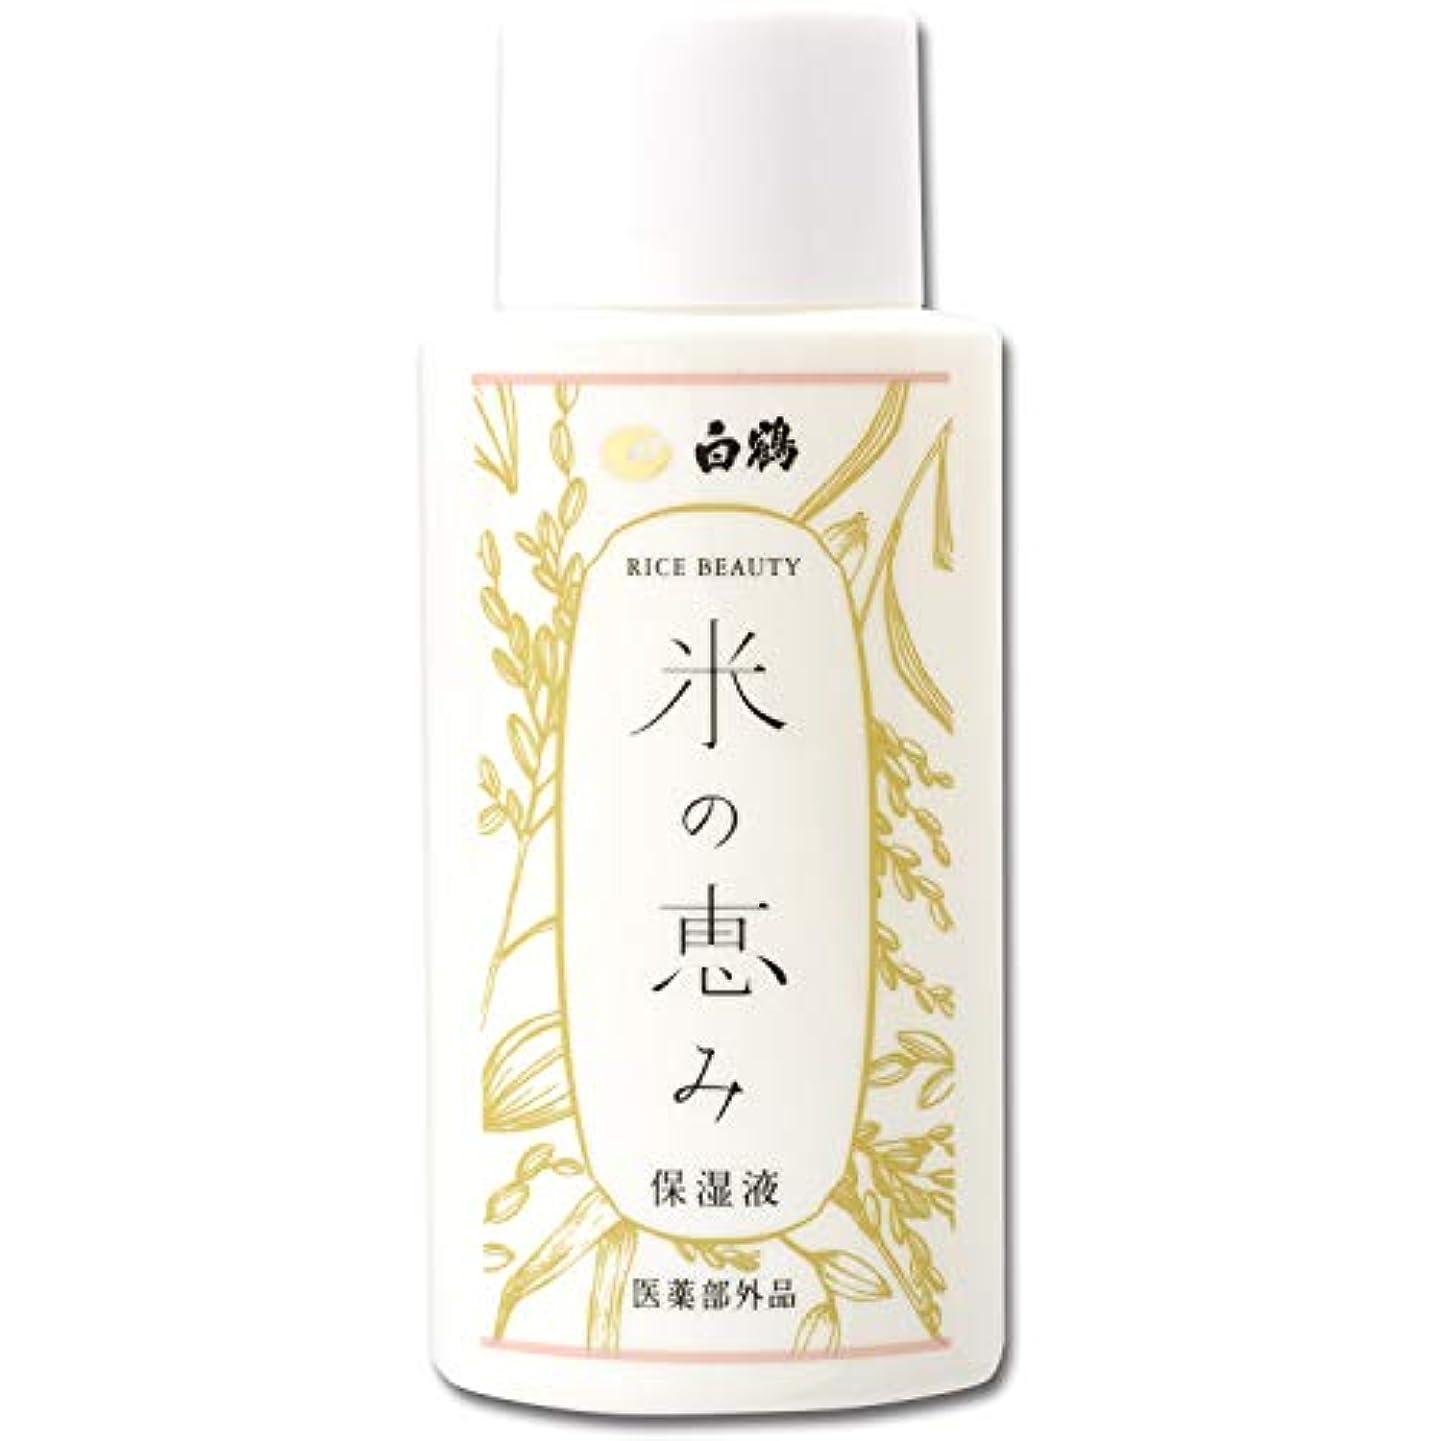 無駄な垂直振る白鶴 ライスビューティー 米の恵み 保湿液 150ml(高保湿とろみ化粧水/医薬部外品)